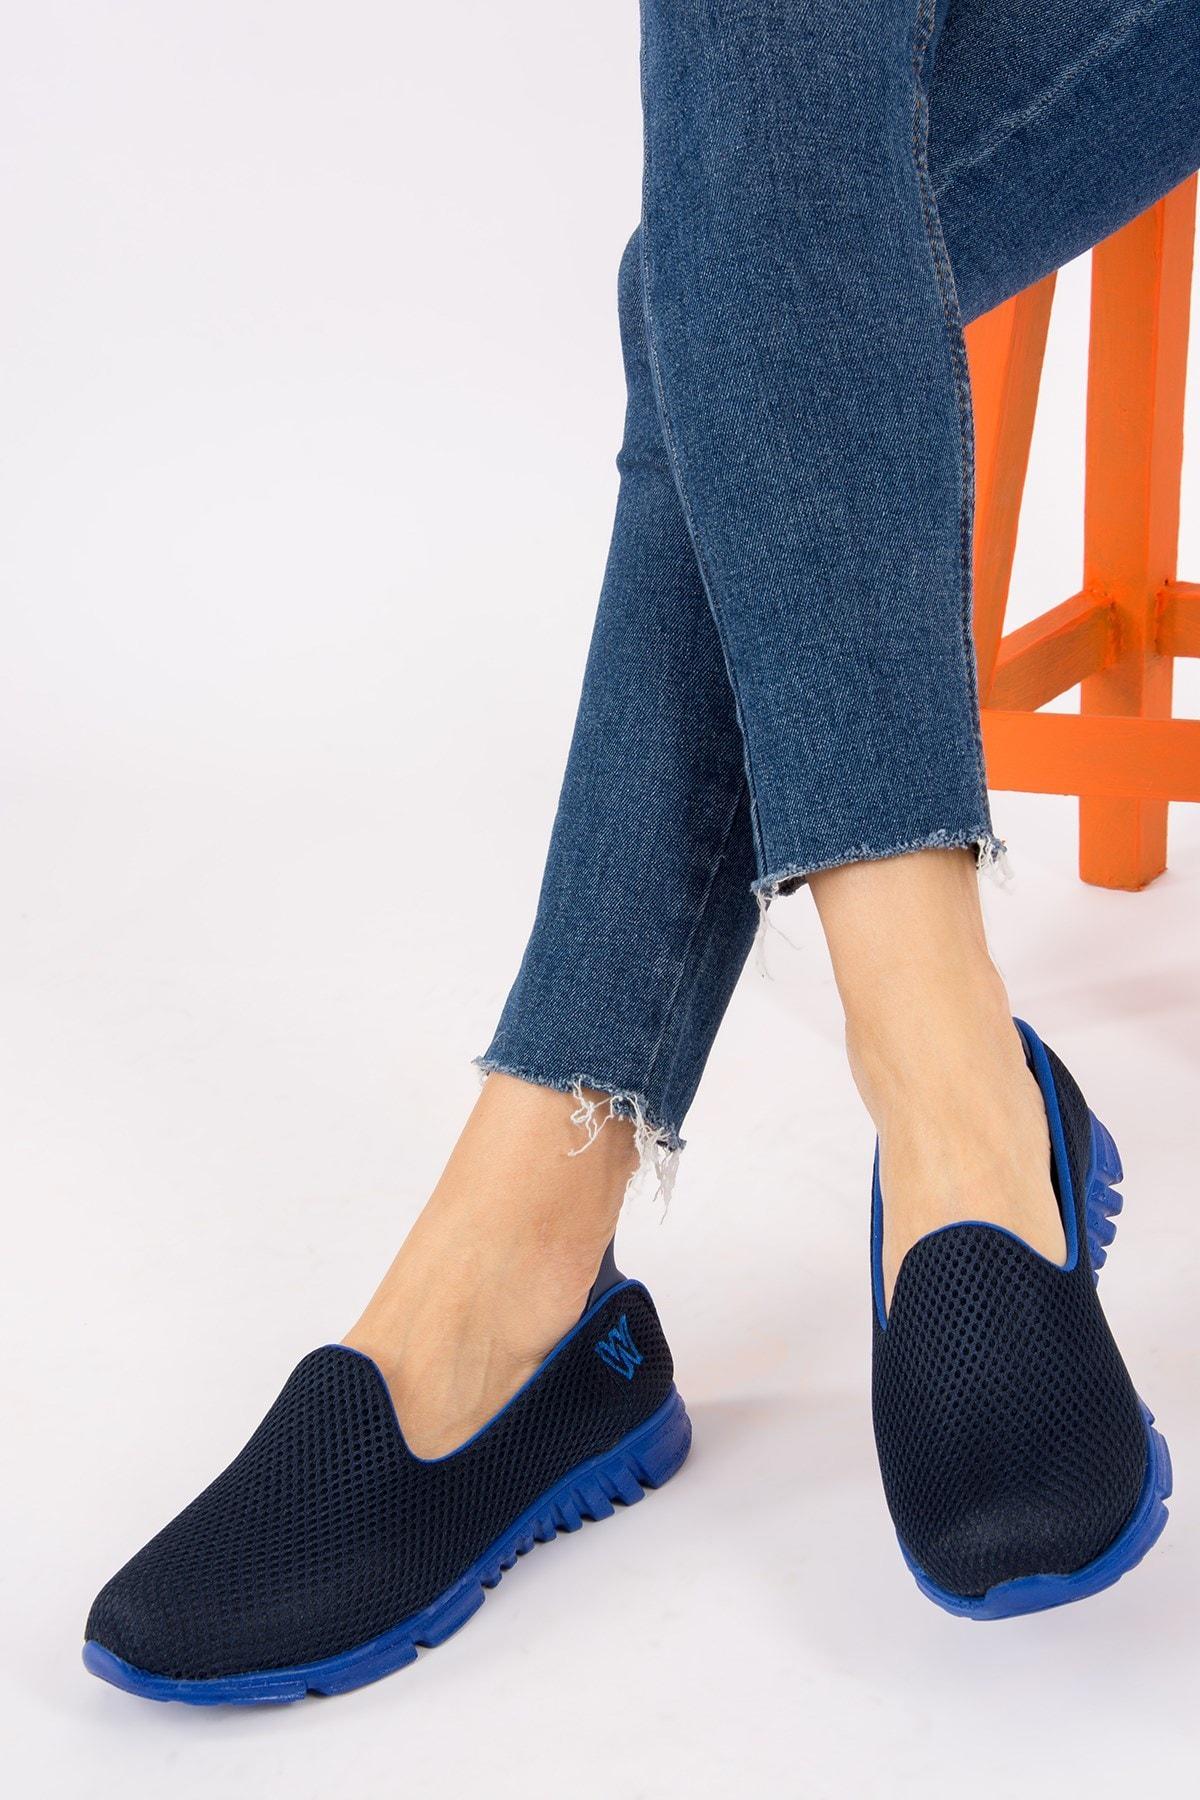 Fox Lacivert/saks Mavi Kadın Ayakkabı H350886904